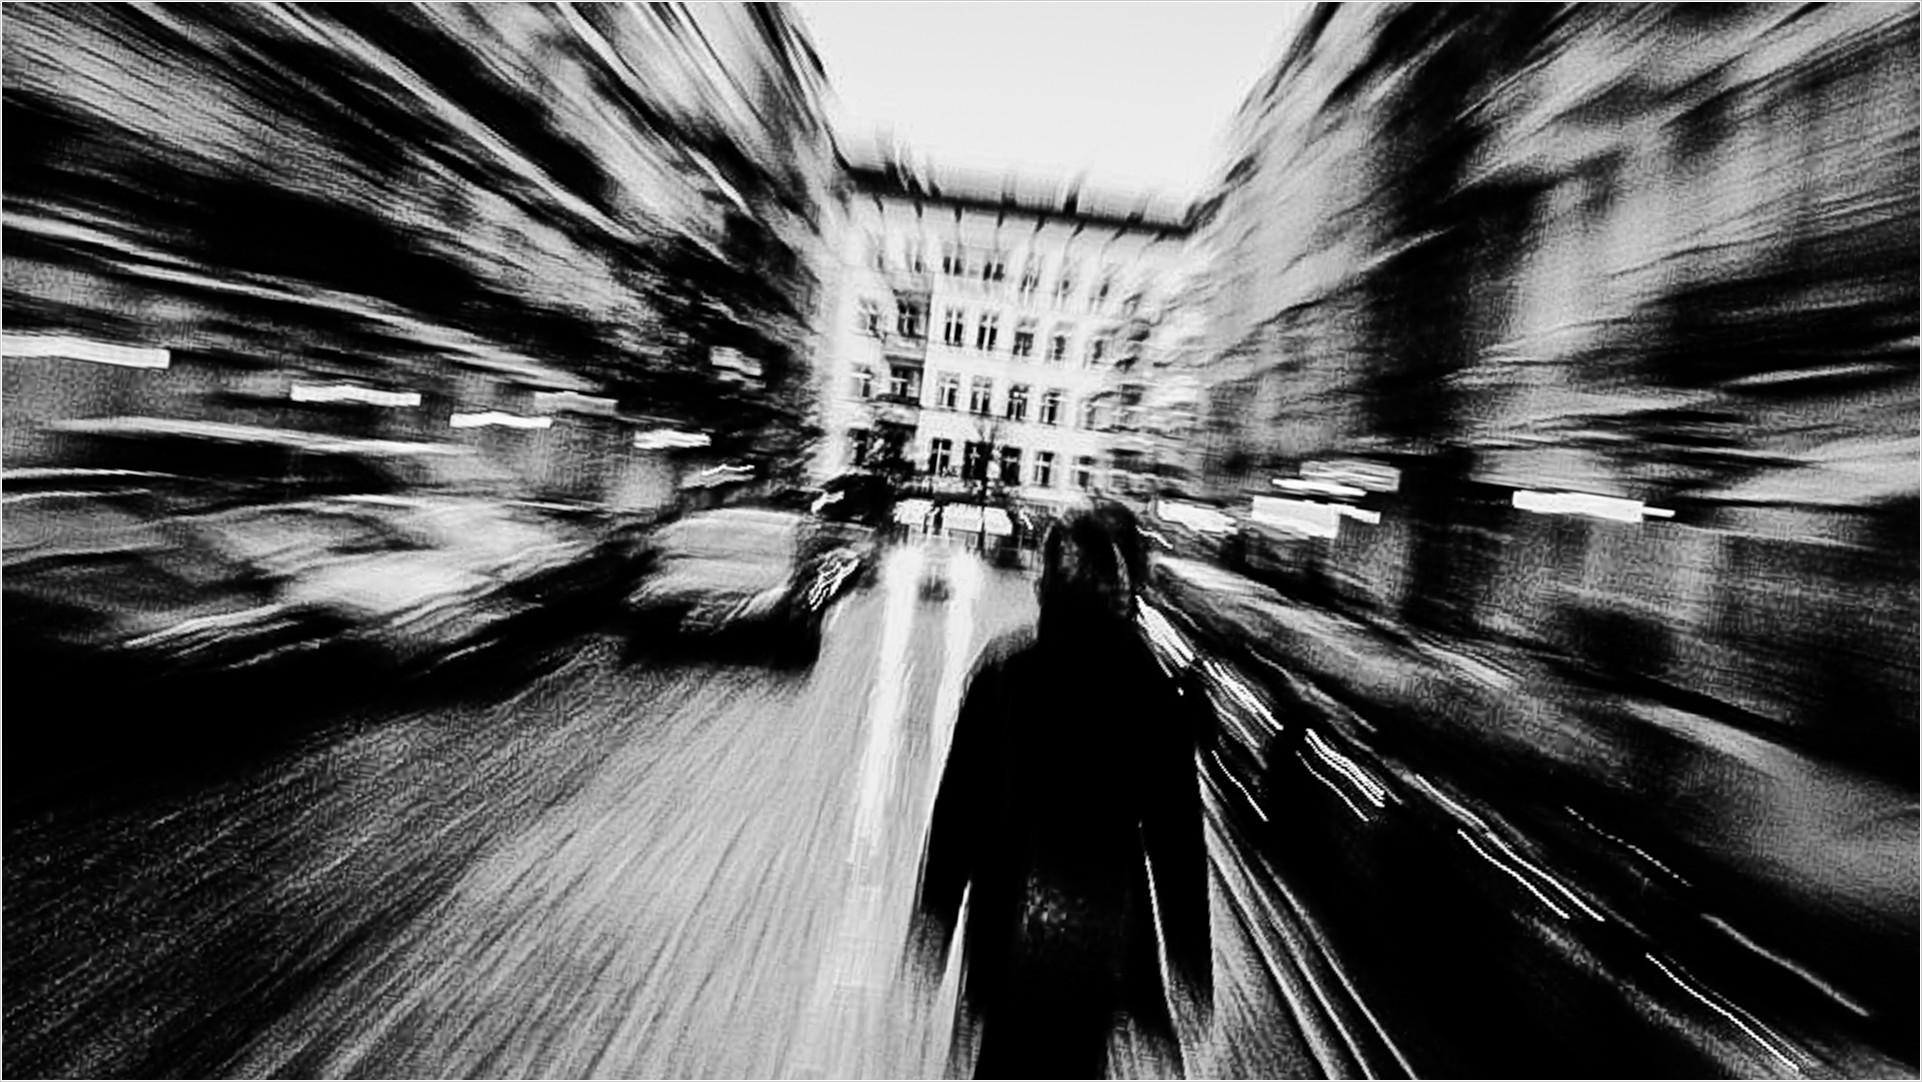 Zoomfoto einer Straße mit Person im Vordergrund